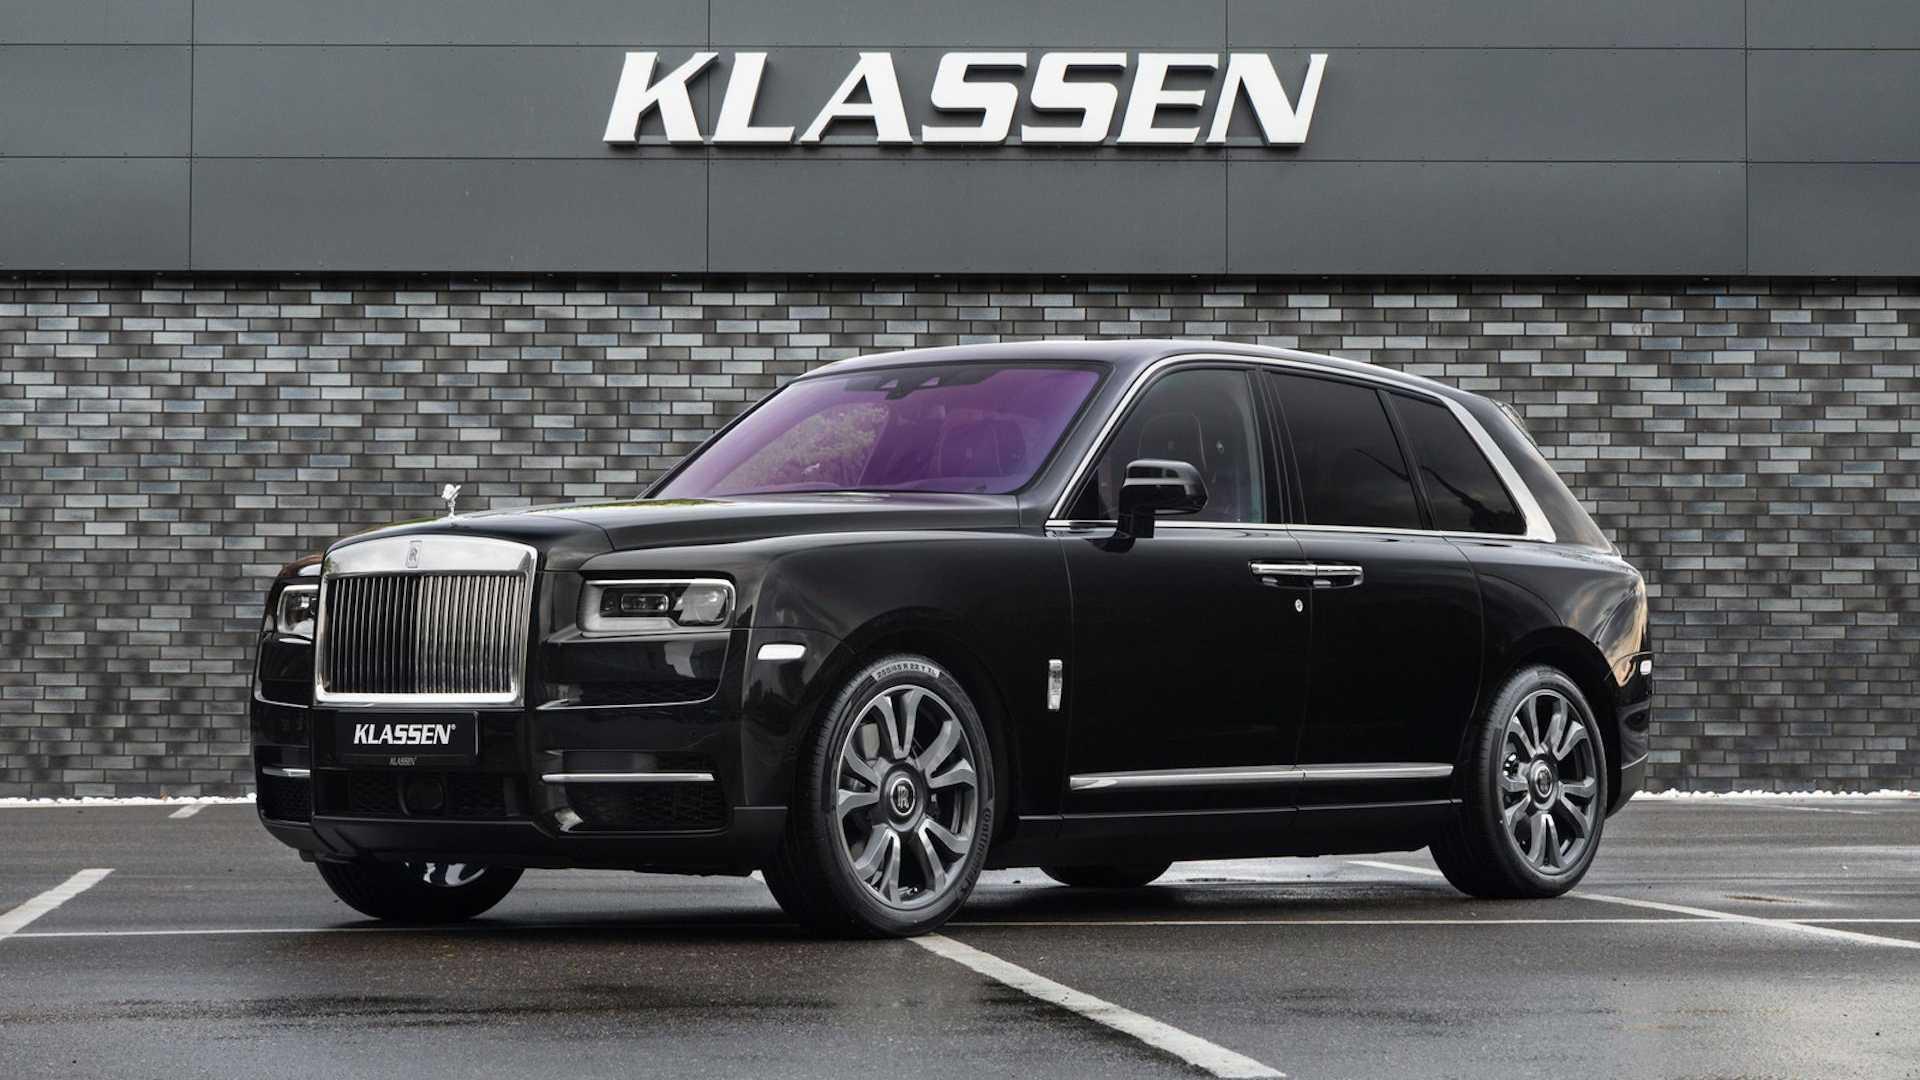 Klassen_Rolls-Royce_Cullinan-0000